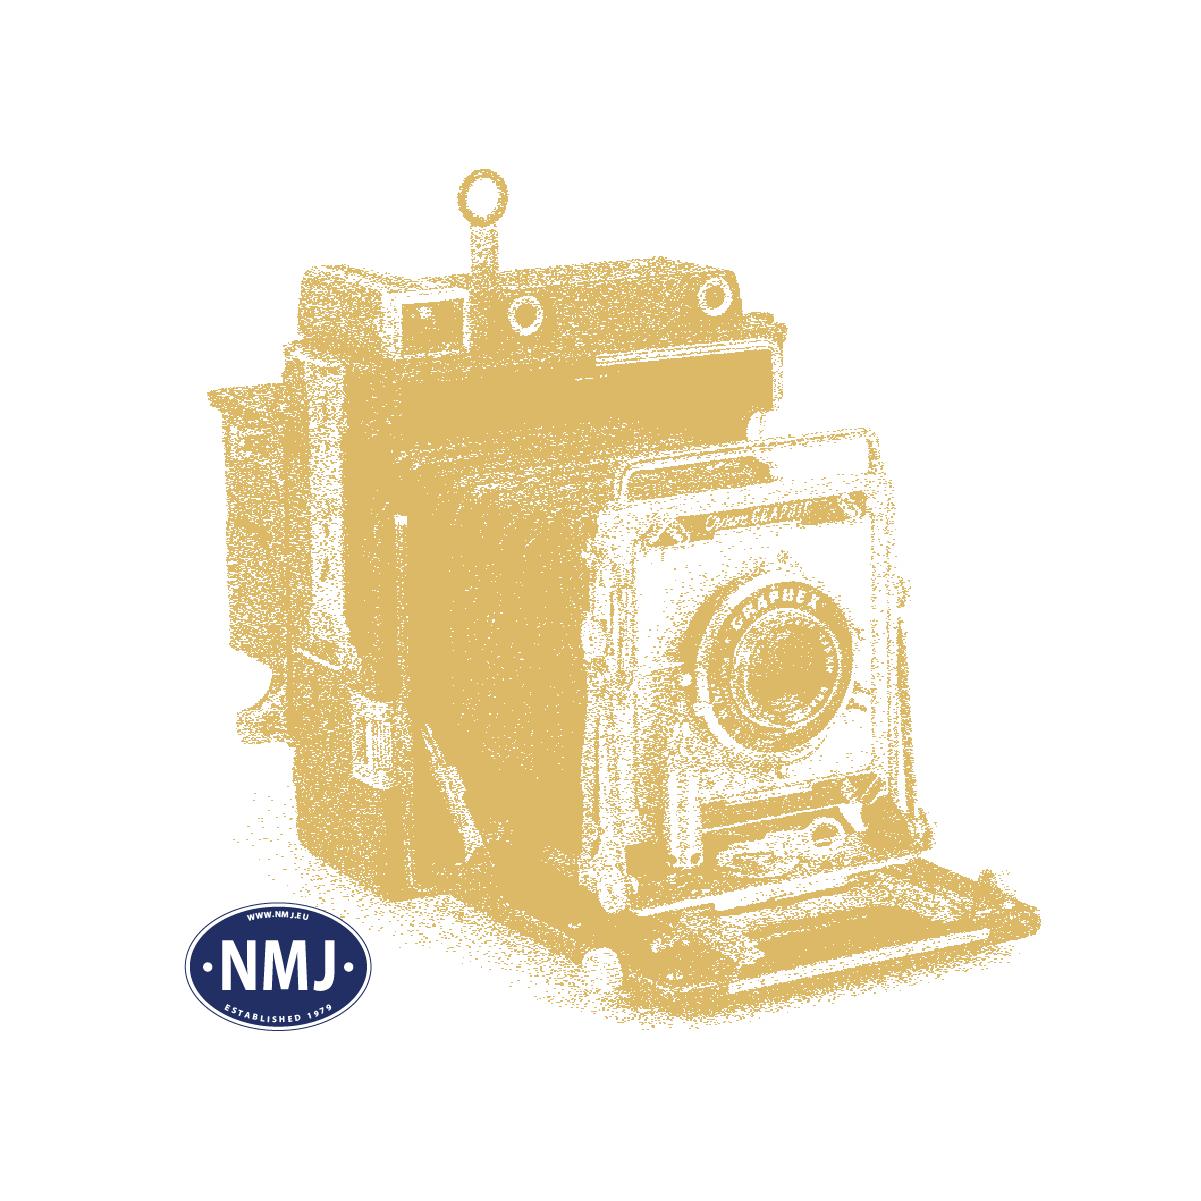 NMJS68A-2 - NMJ Superline NSB BM 68A, Gml. Des., sen utgave, 3-vognsett, DCC Digital